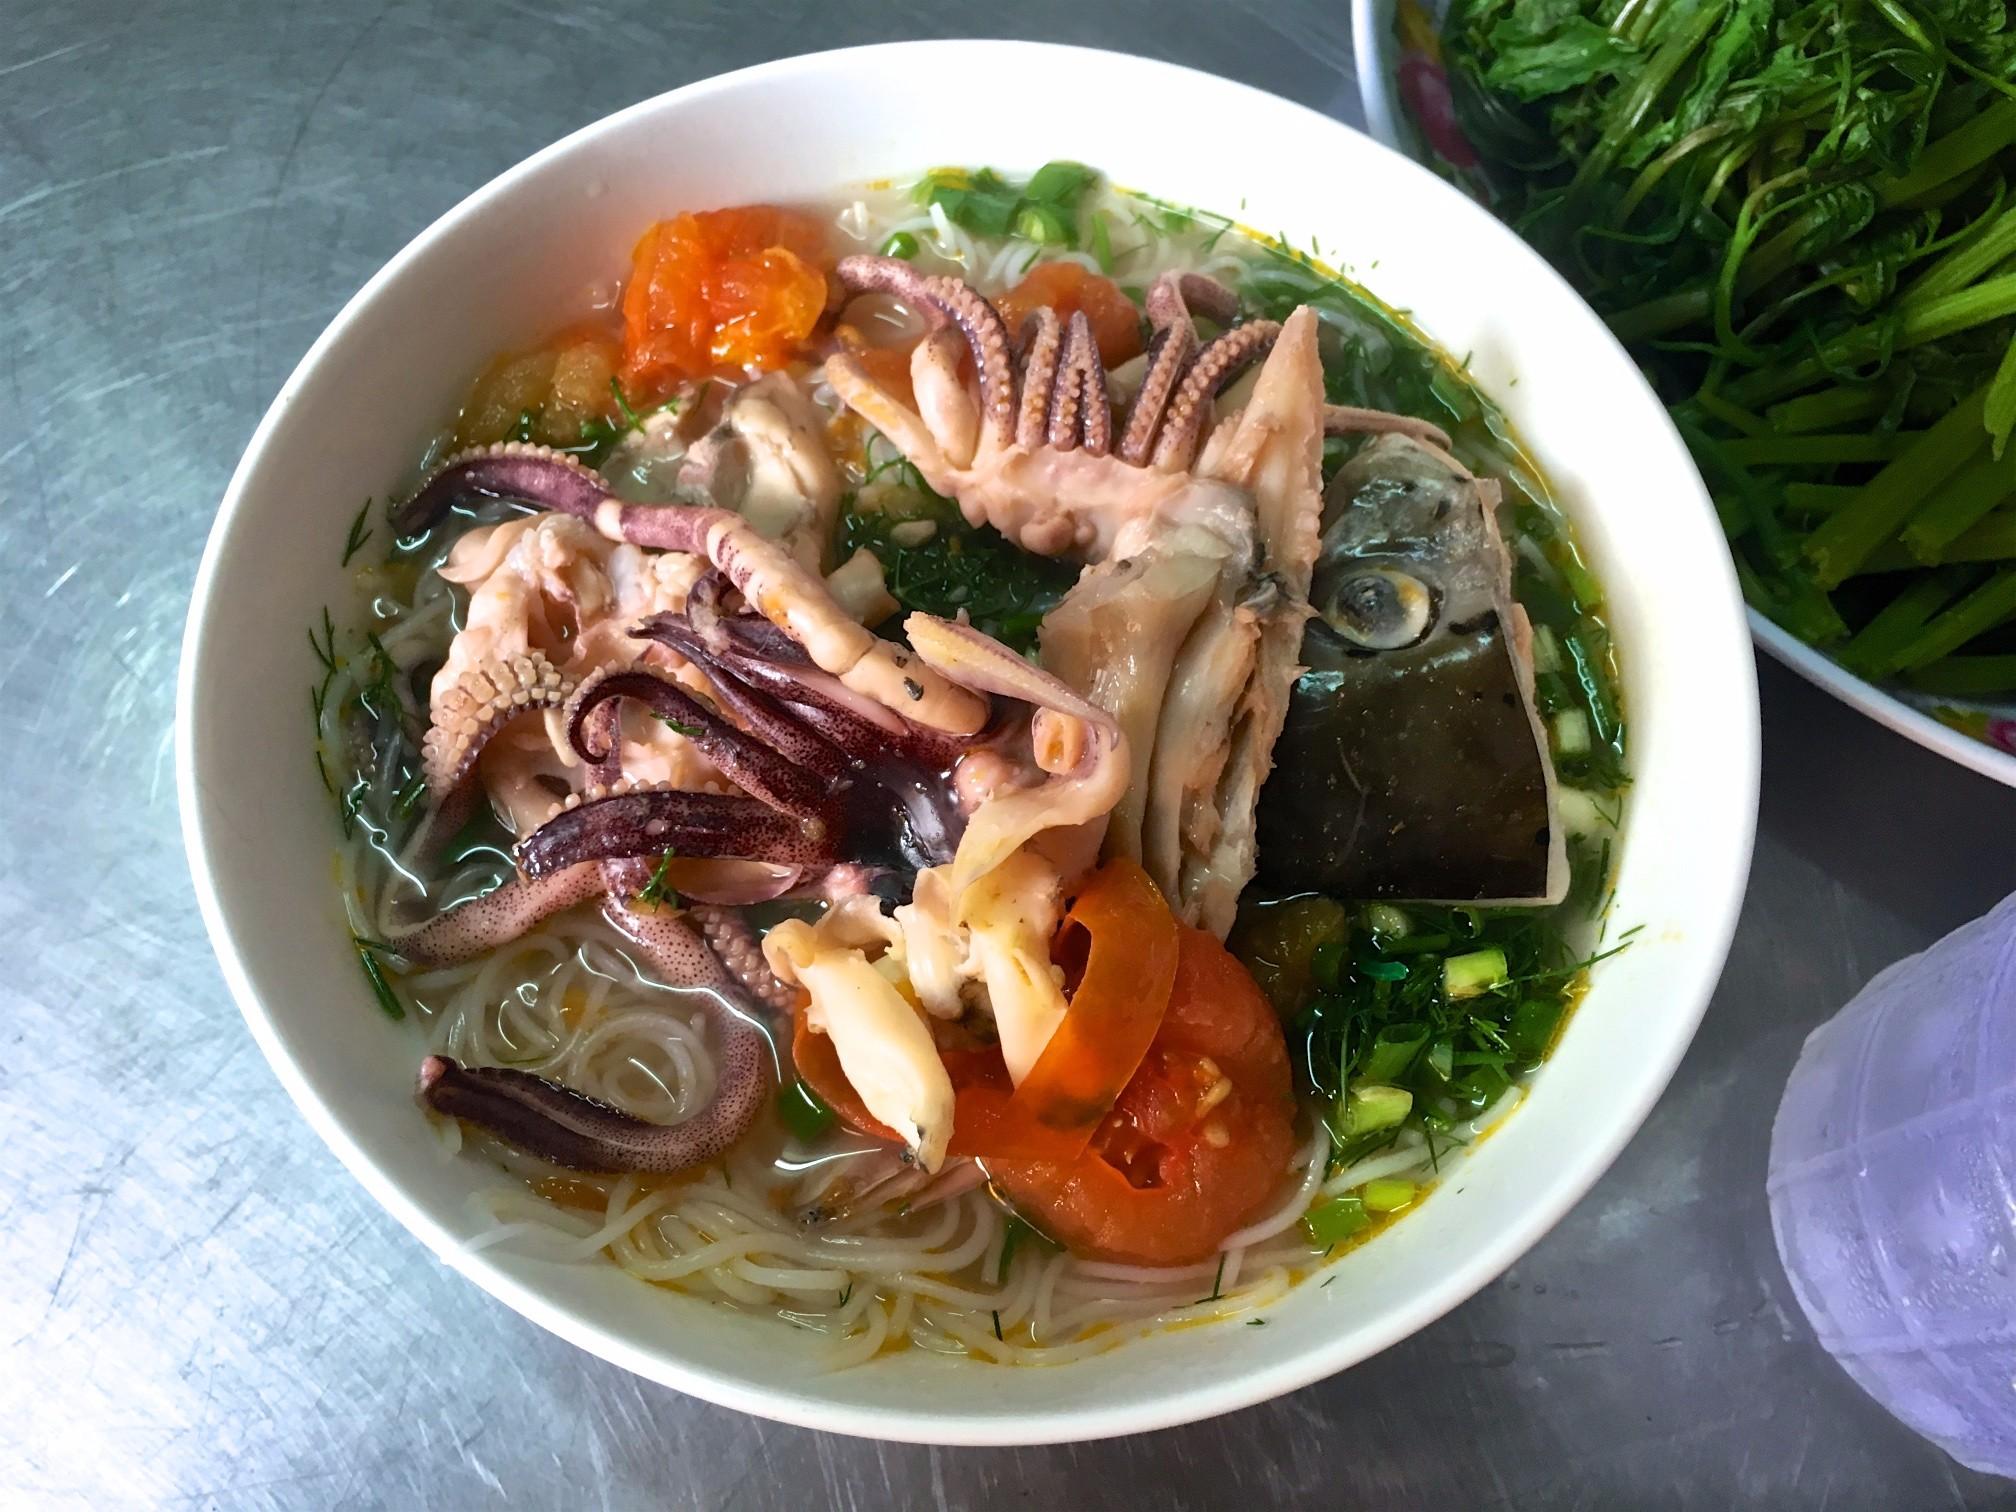 2016-08-05-Ho-Chi-Minh-City-VN-Integral-Evangelism-squid-soup.jpg